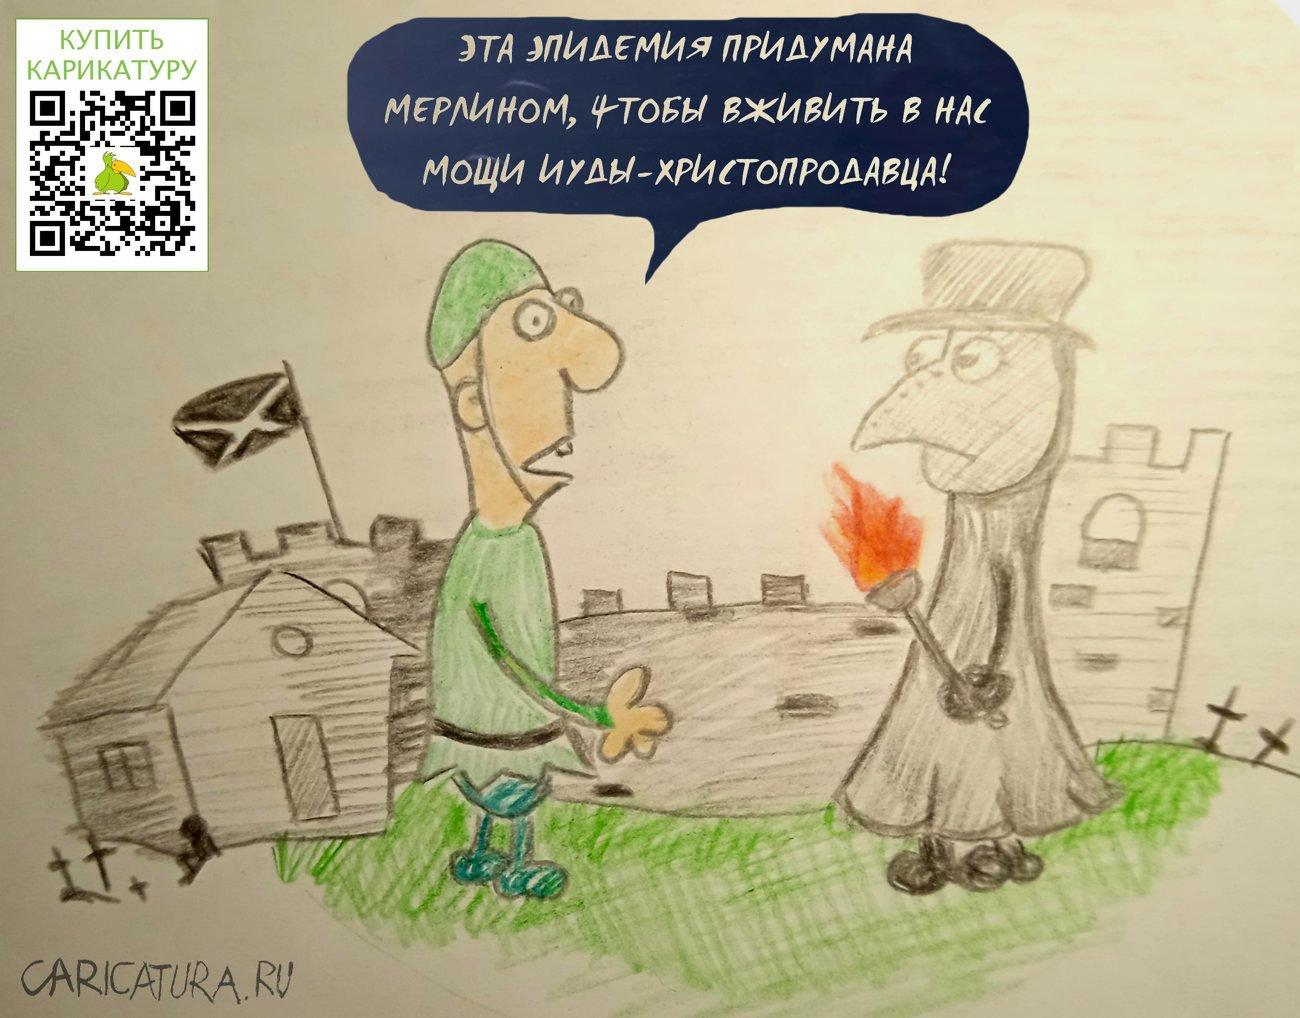 Выдумки, Константин Погодаев